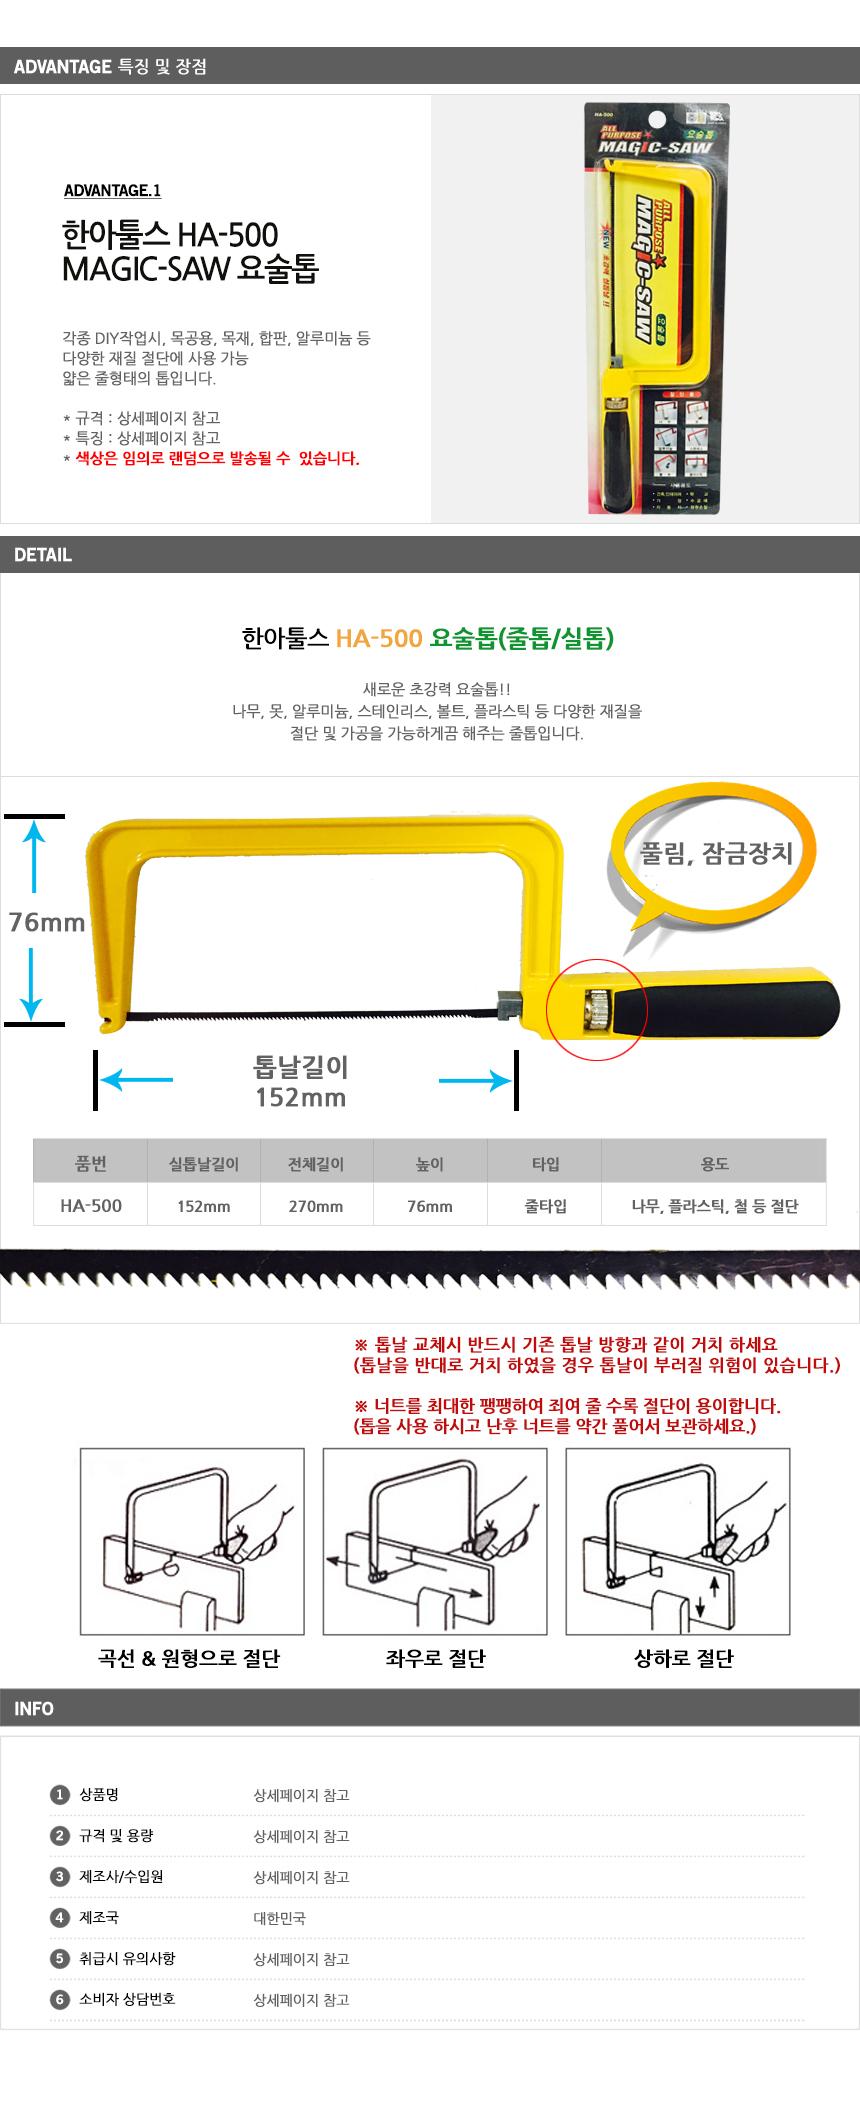 한아툴스 HA-500 요술톱 MAGIC-SAW 실톱 줄톱 152mm 쇠톱 줄톱 다용도톱 공구용톱 가정용톱 쇠줄톱 실톱 산업용톱 목공용톱 수작업용톱 절삭용톱